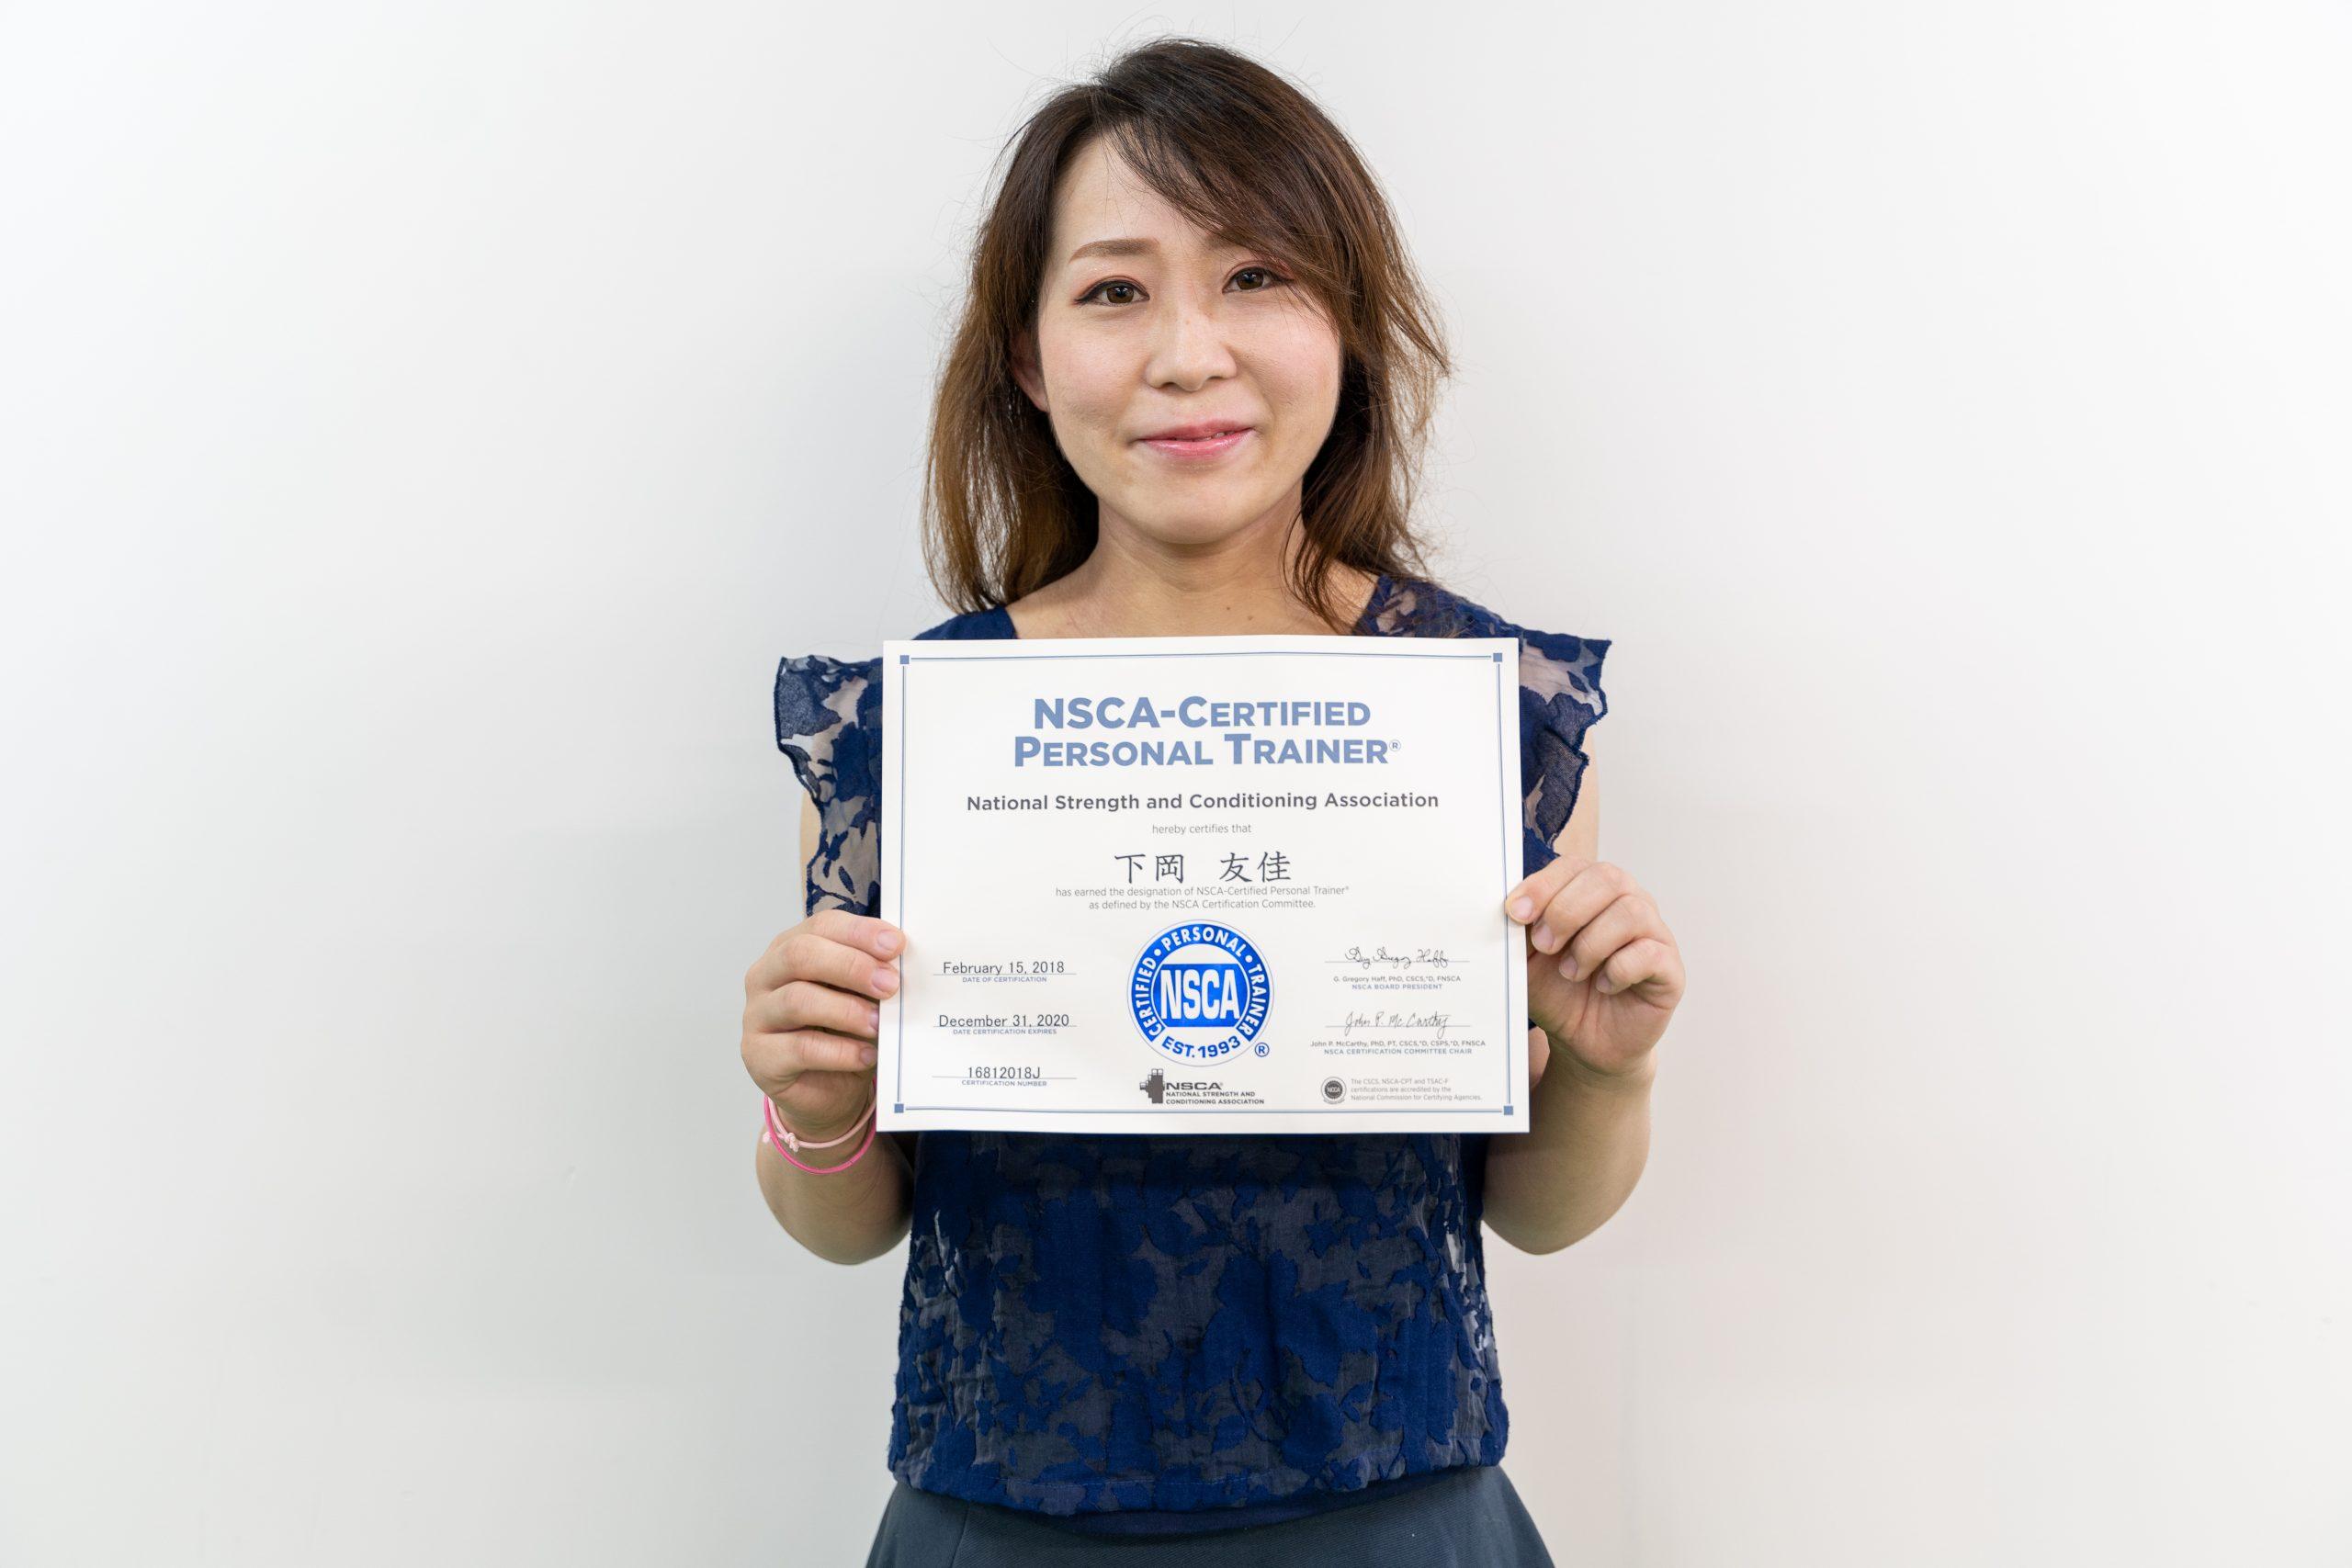 4ヶ月でNSCA-CPT資格取得した勉強方法について 卒業生のインタビュー